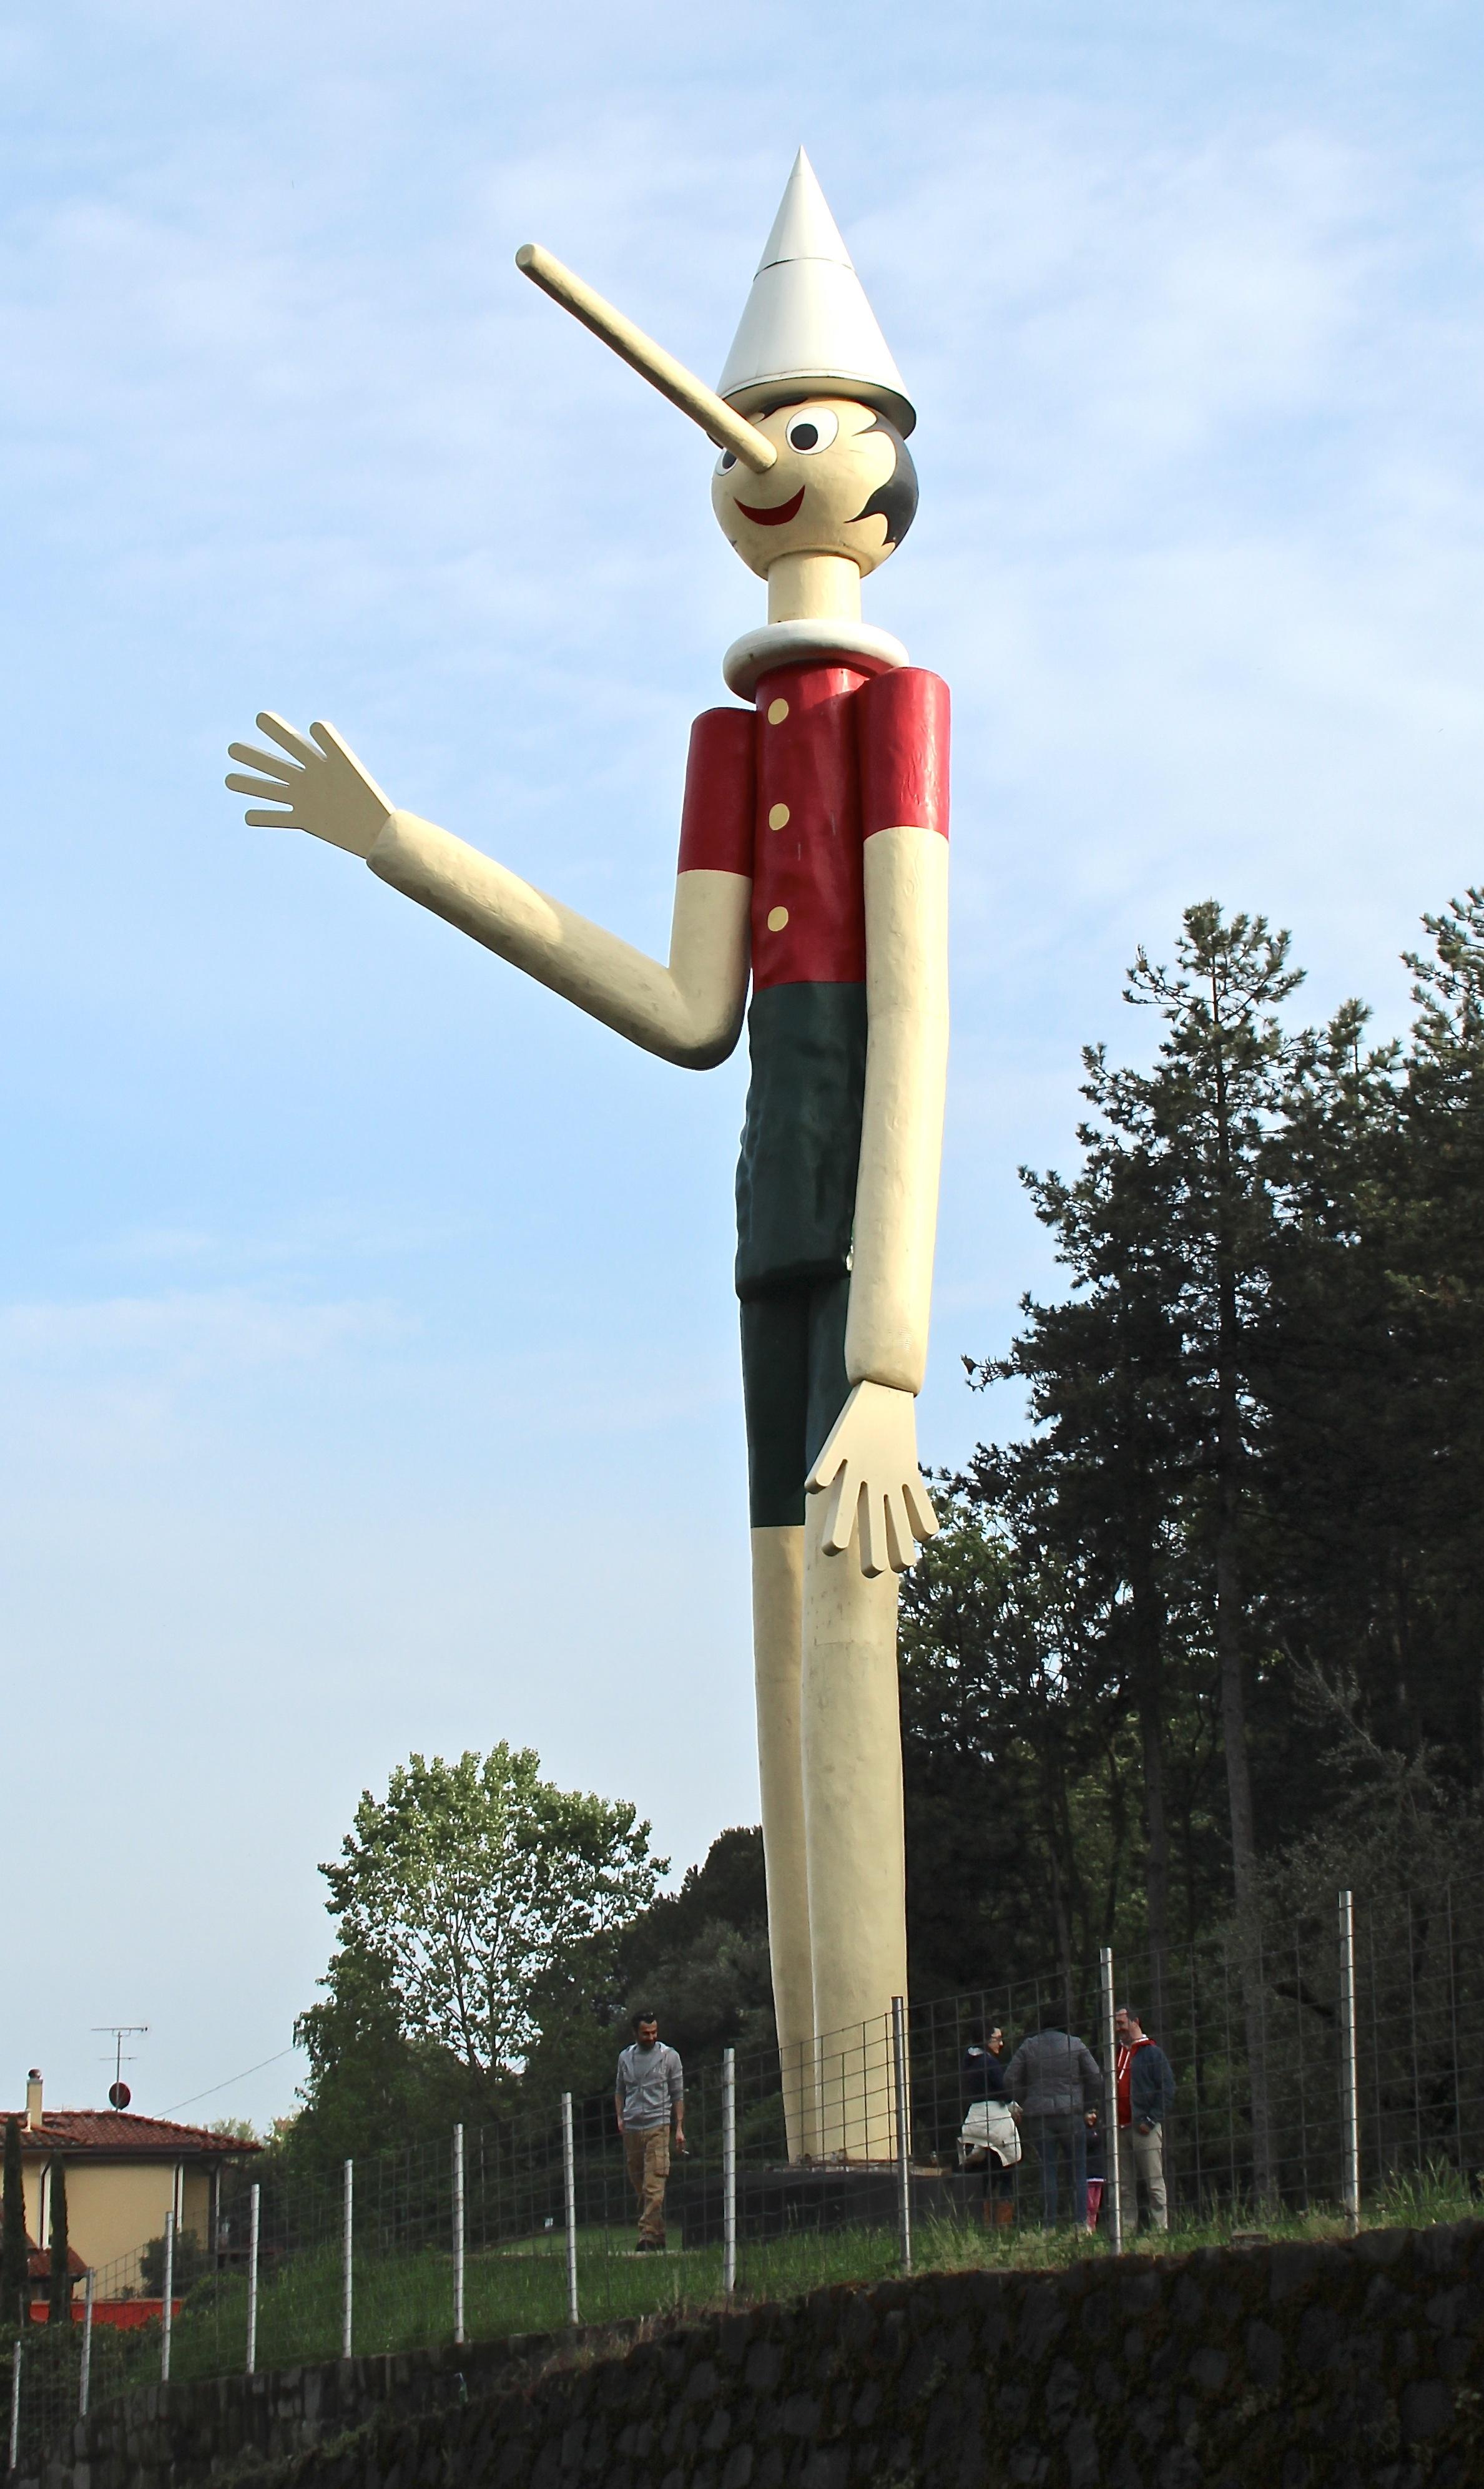 A giant statue of Pinocchio in the park Parco di Pinocchio, Collodi